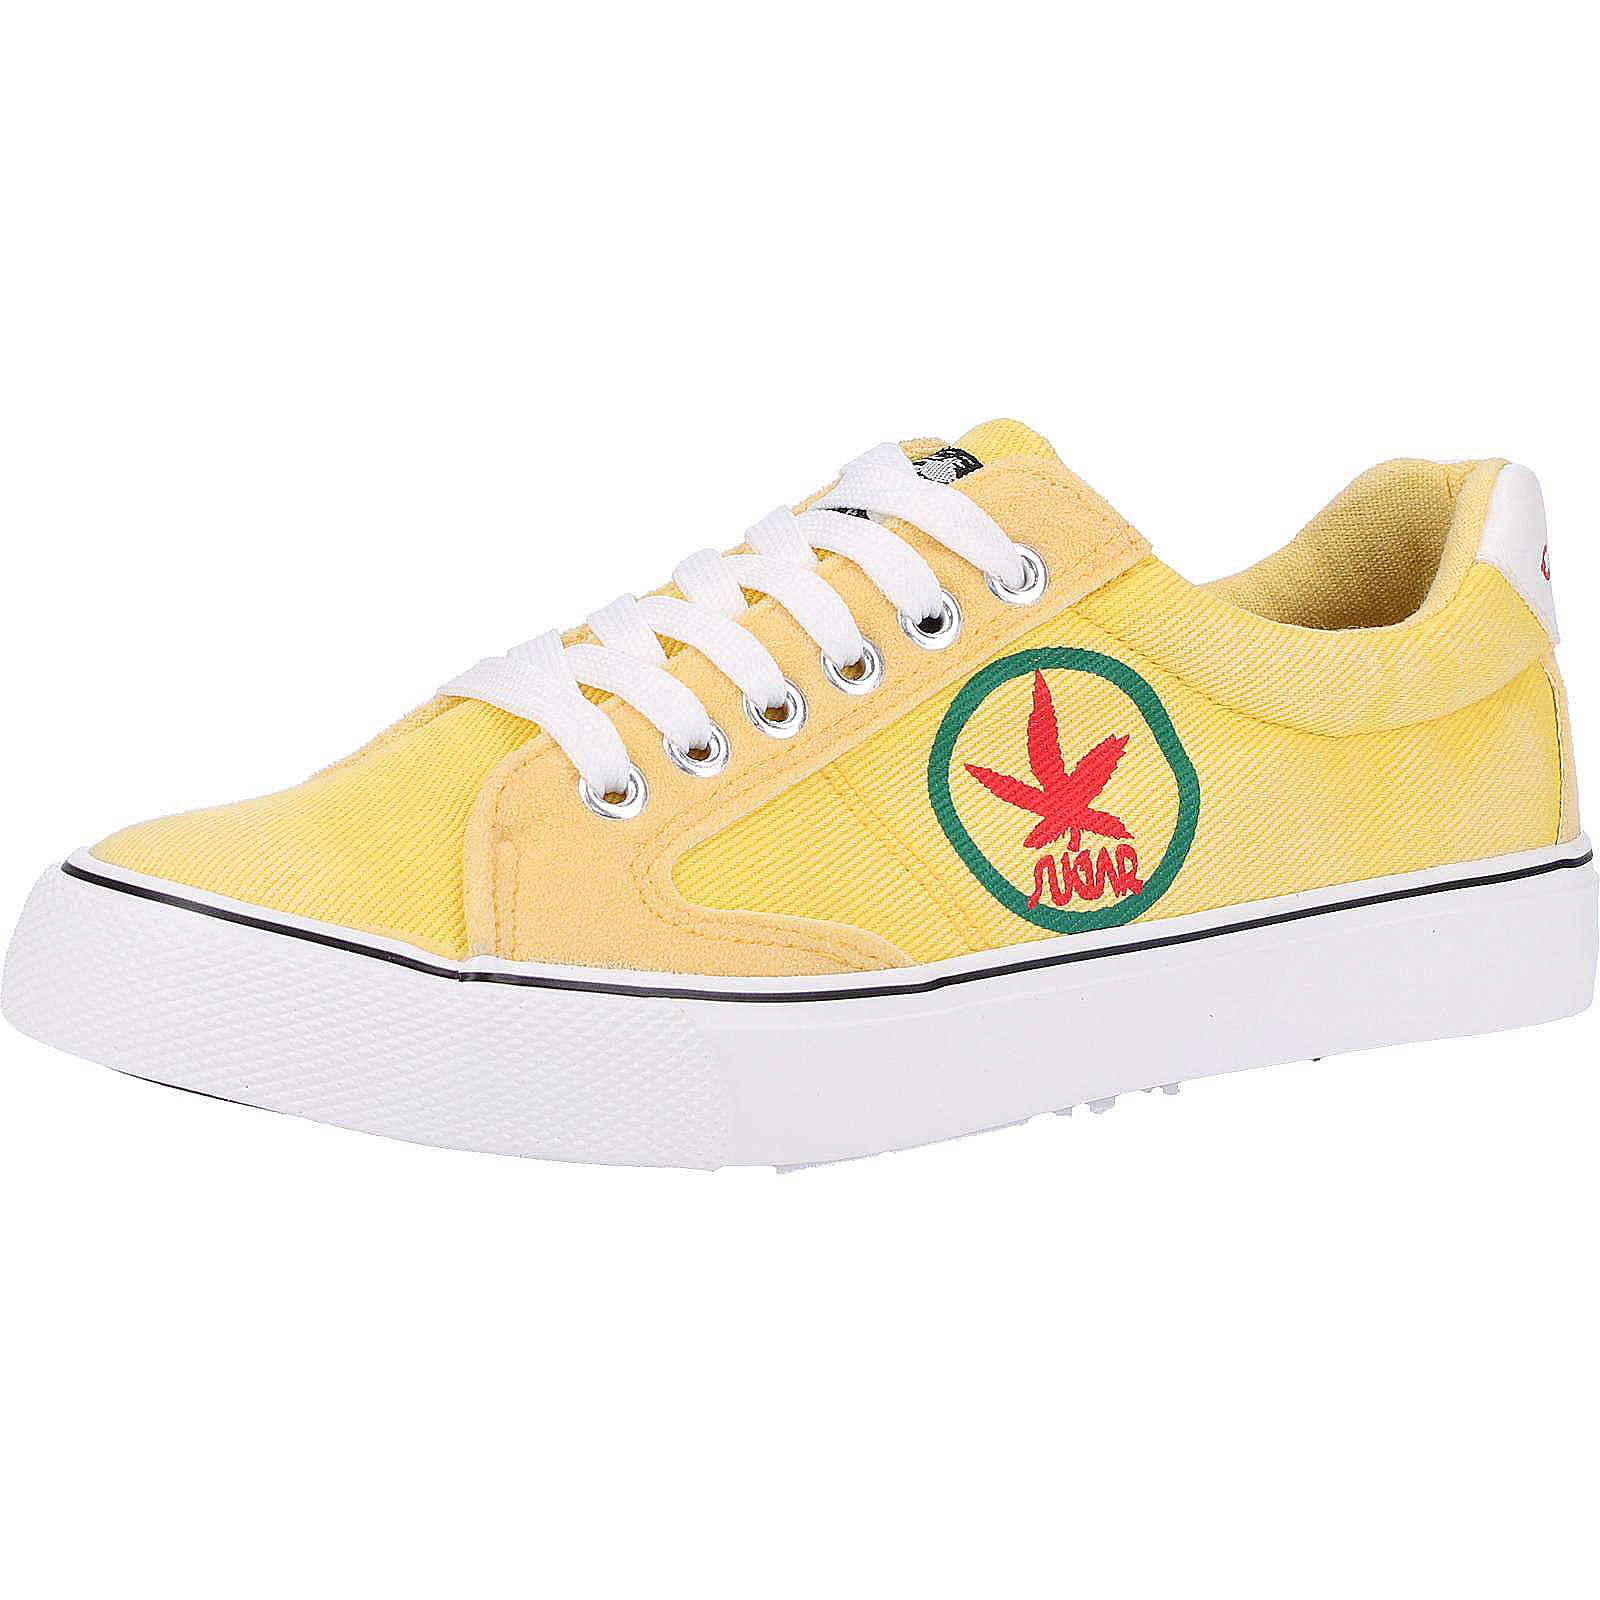 CHIEMSEE Sneaker Sneakers Low gelb Damen Gr. 36